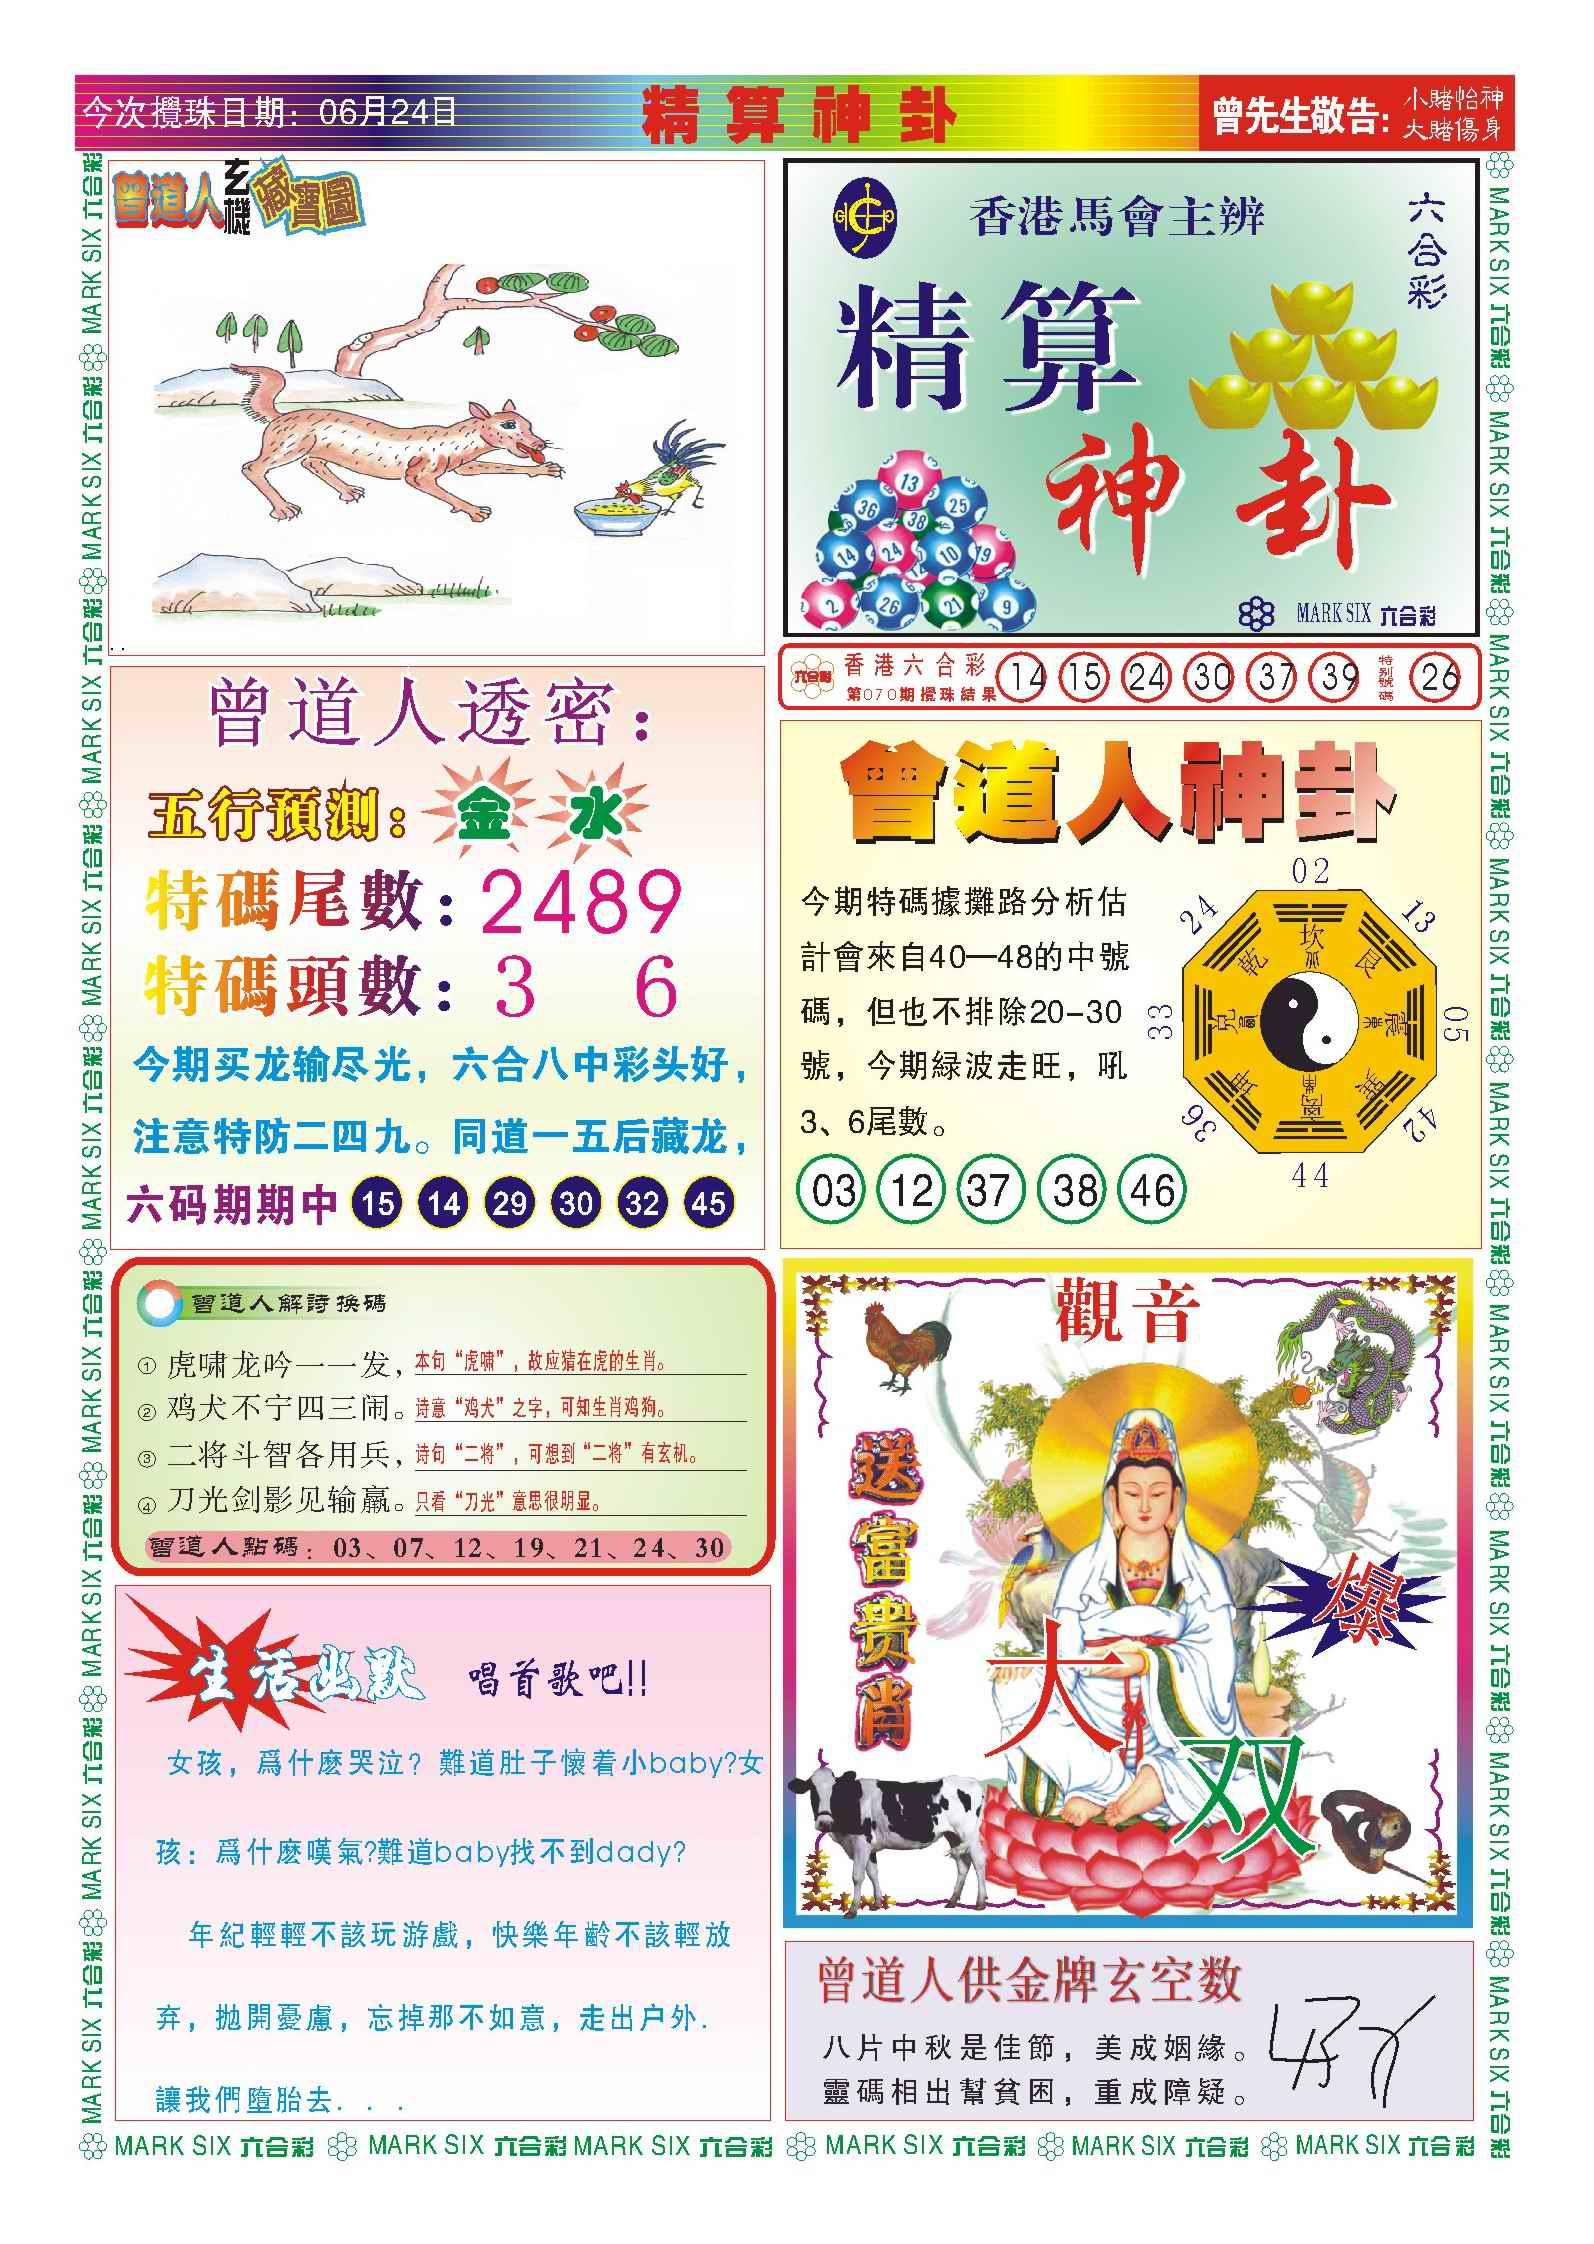 071期118精算神卦(新图)